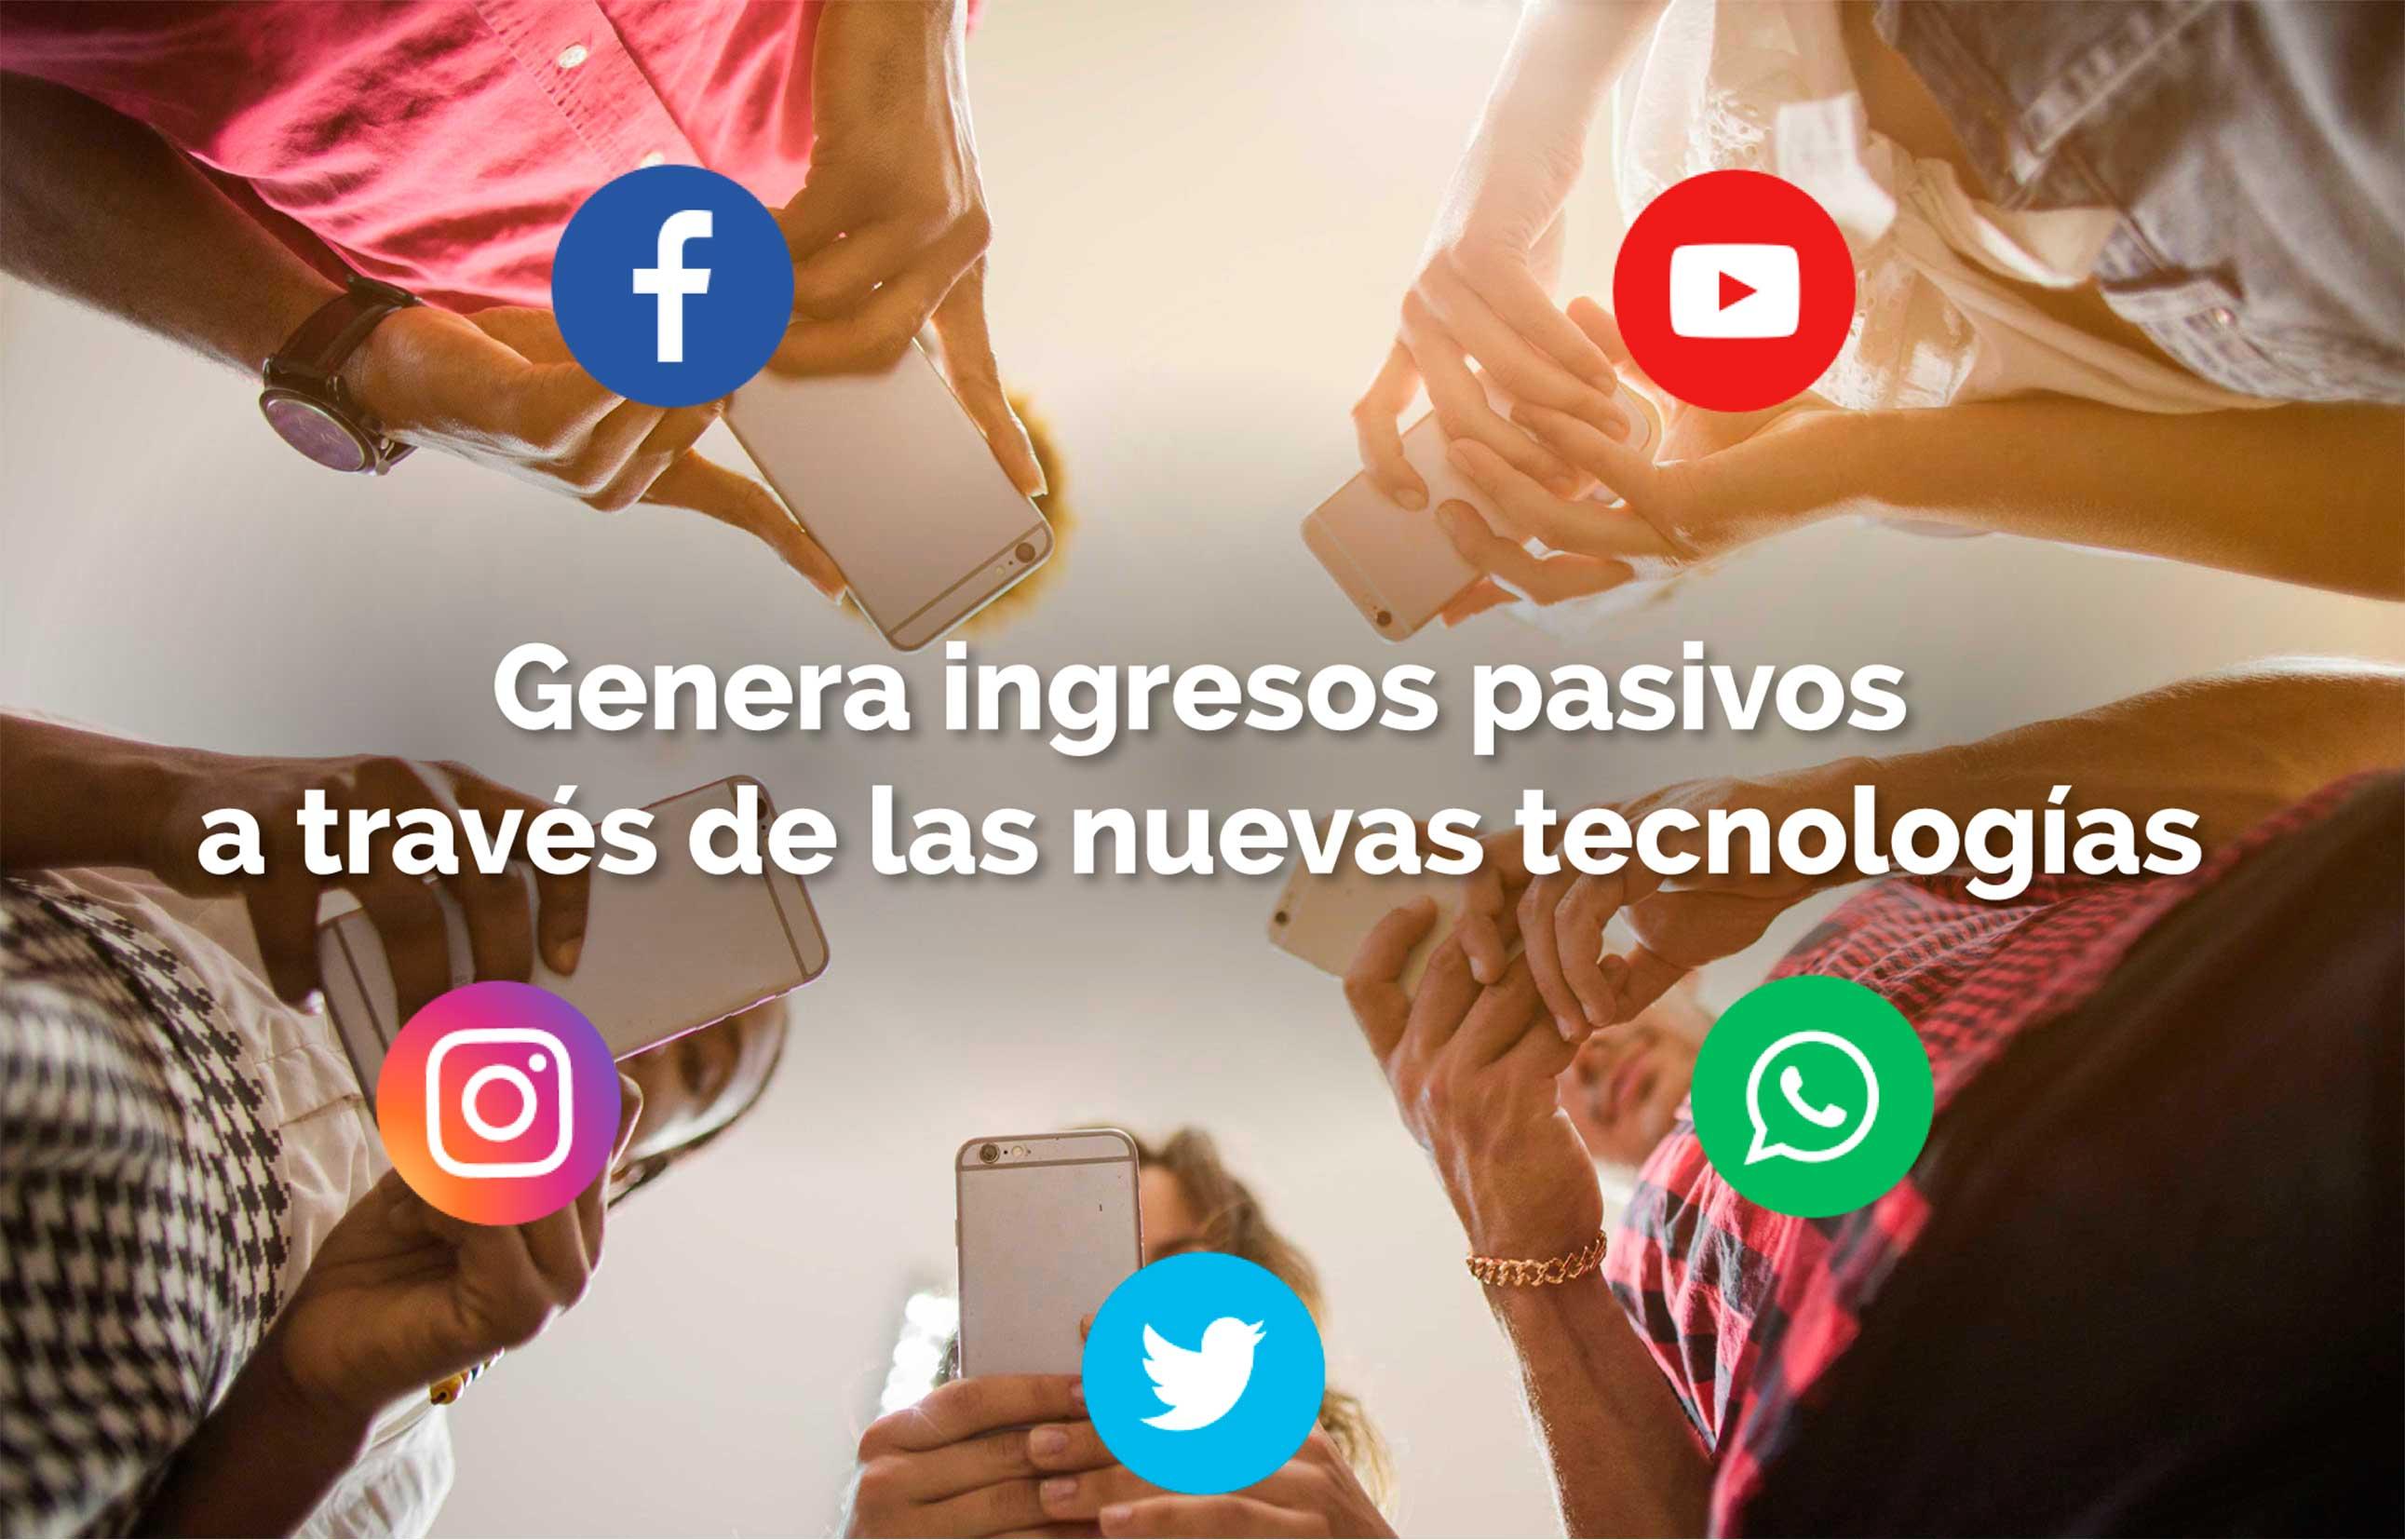 Genera ingresos pasivos a través de las nuevas tecnologías